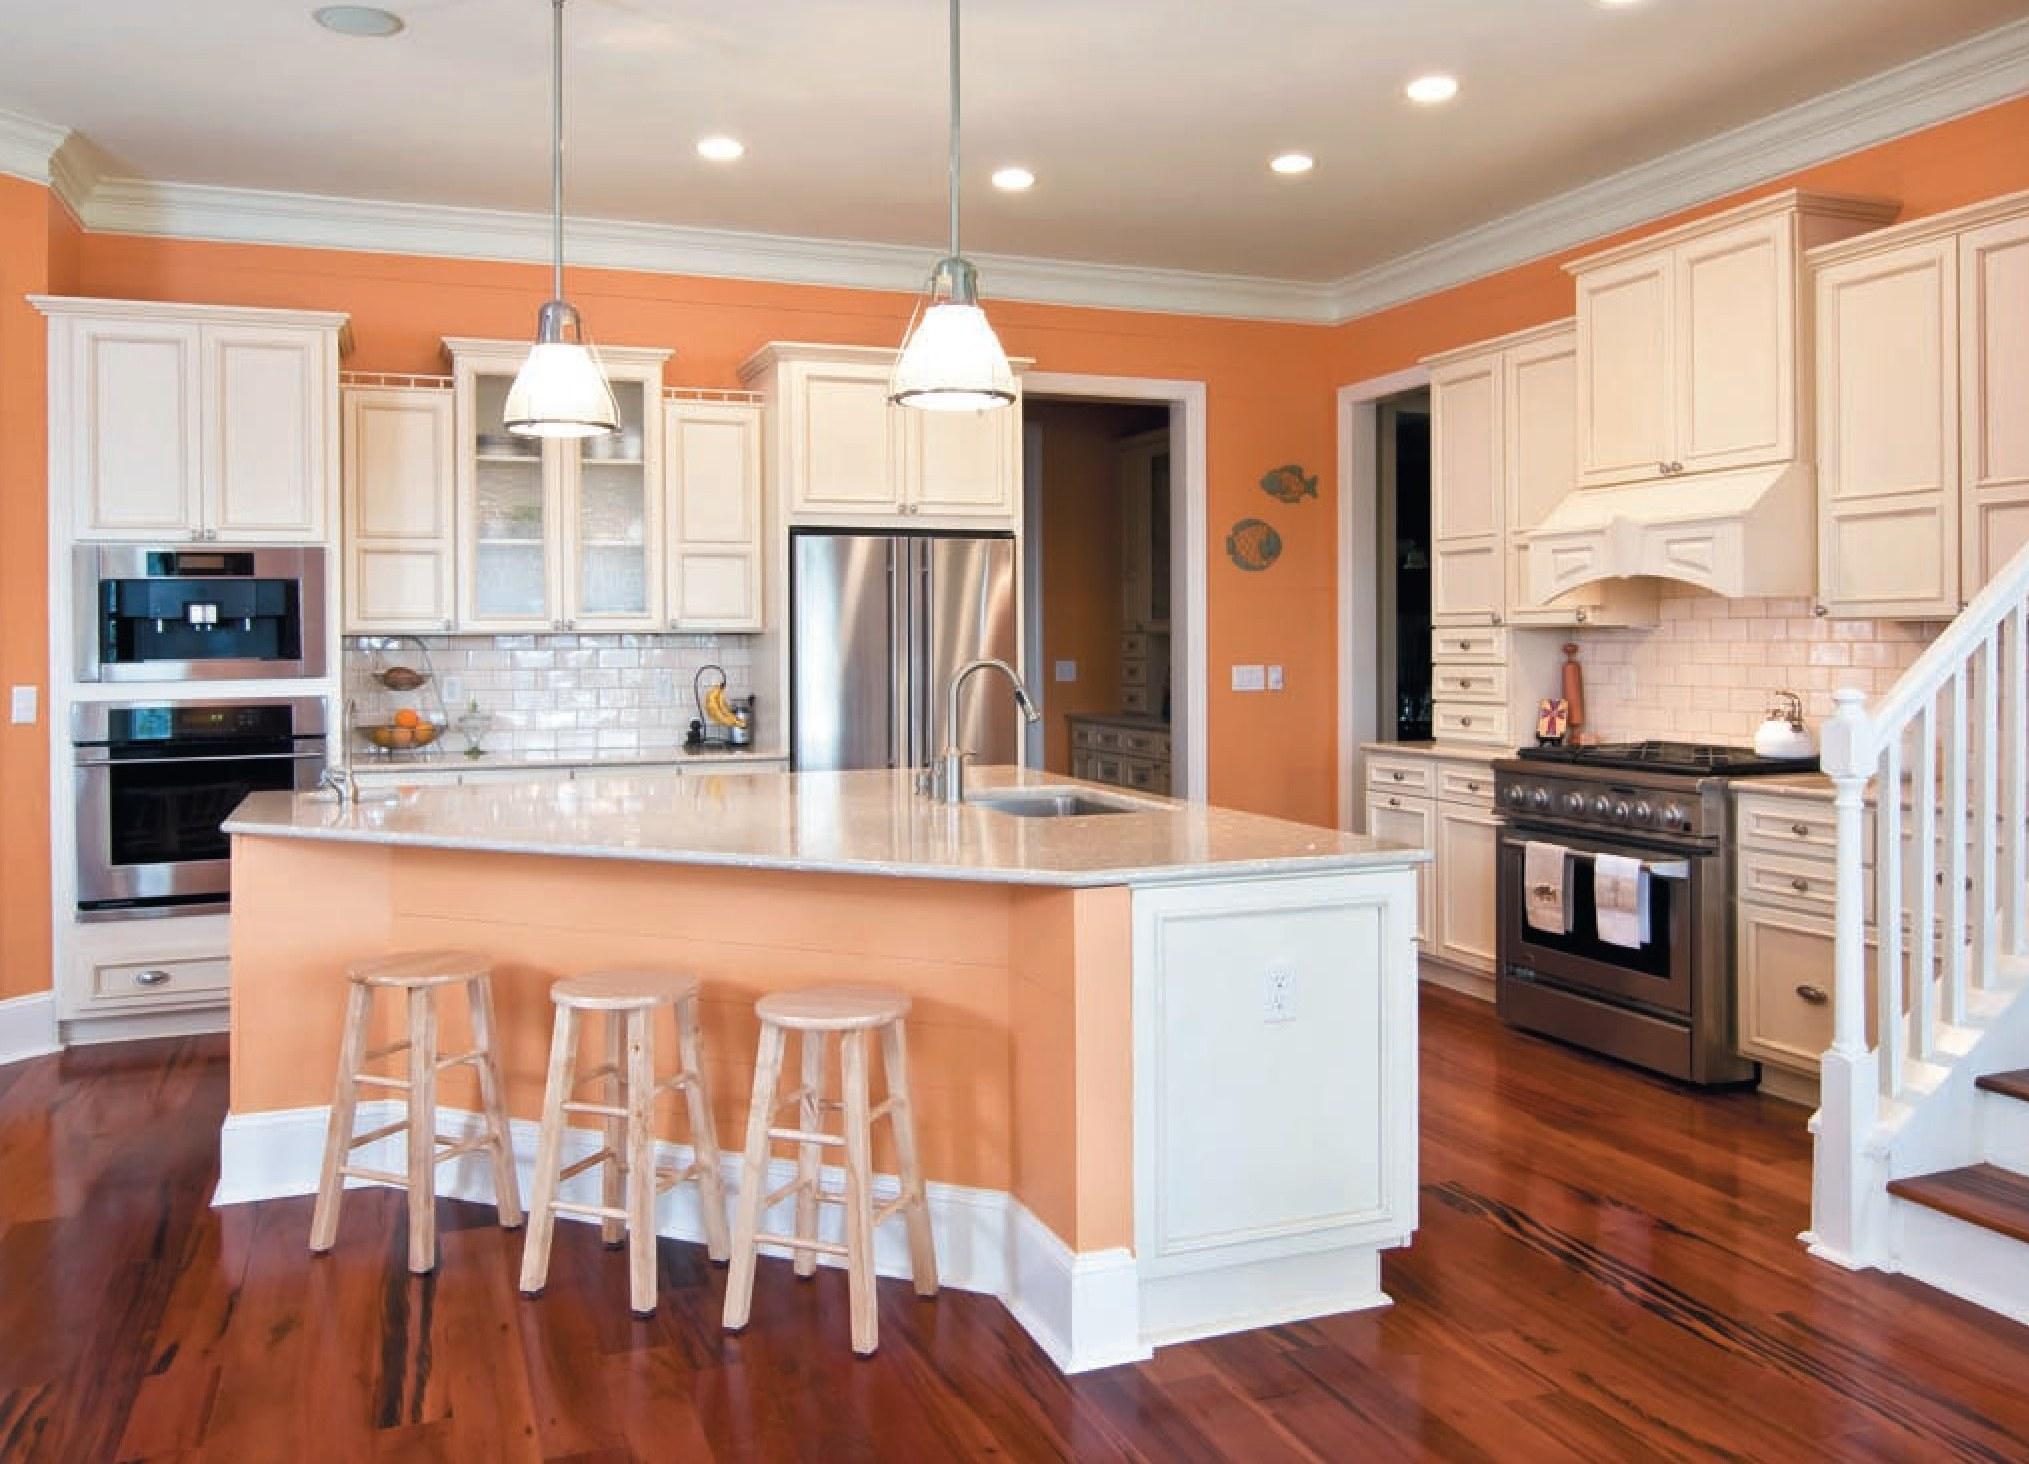 Потолок на кухне должен выдержать повышенную влагу и перепады температуры